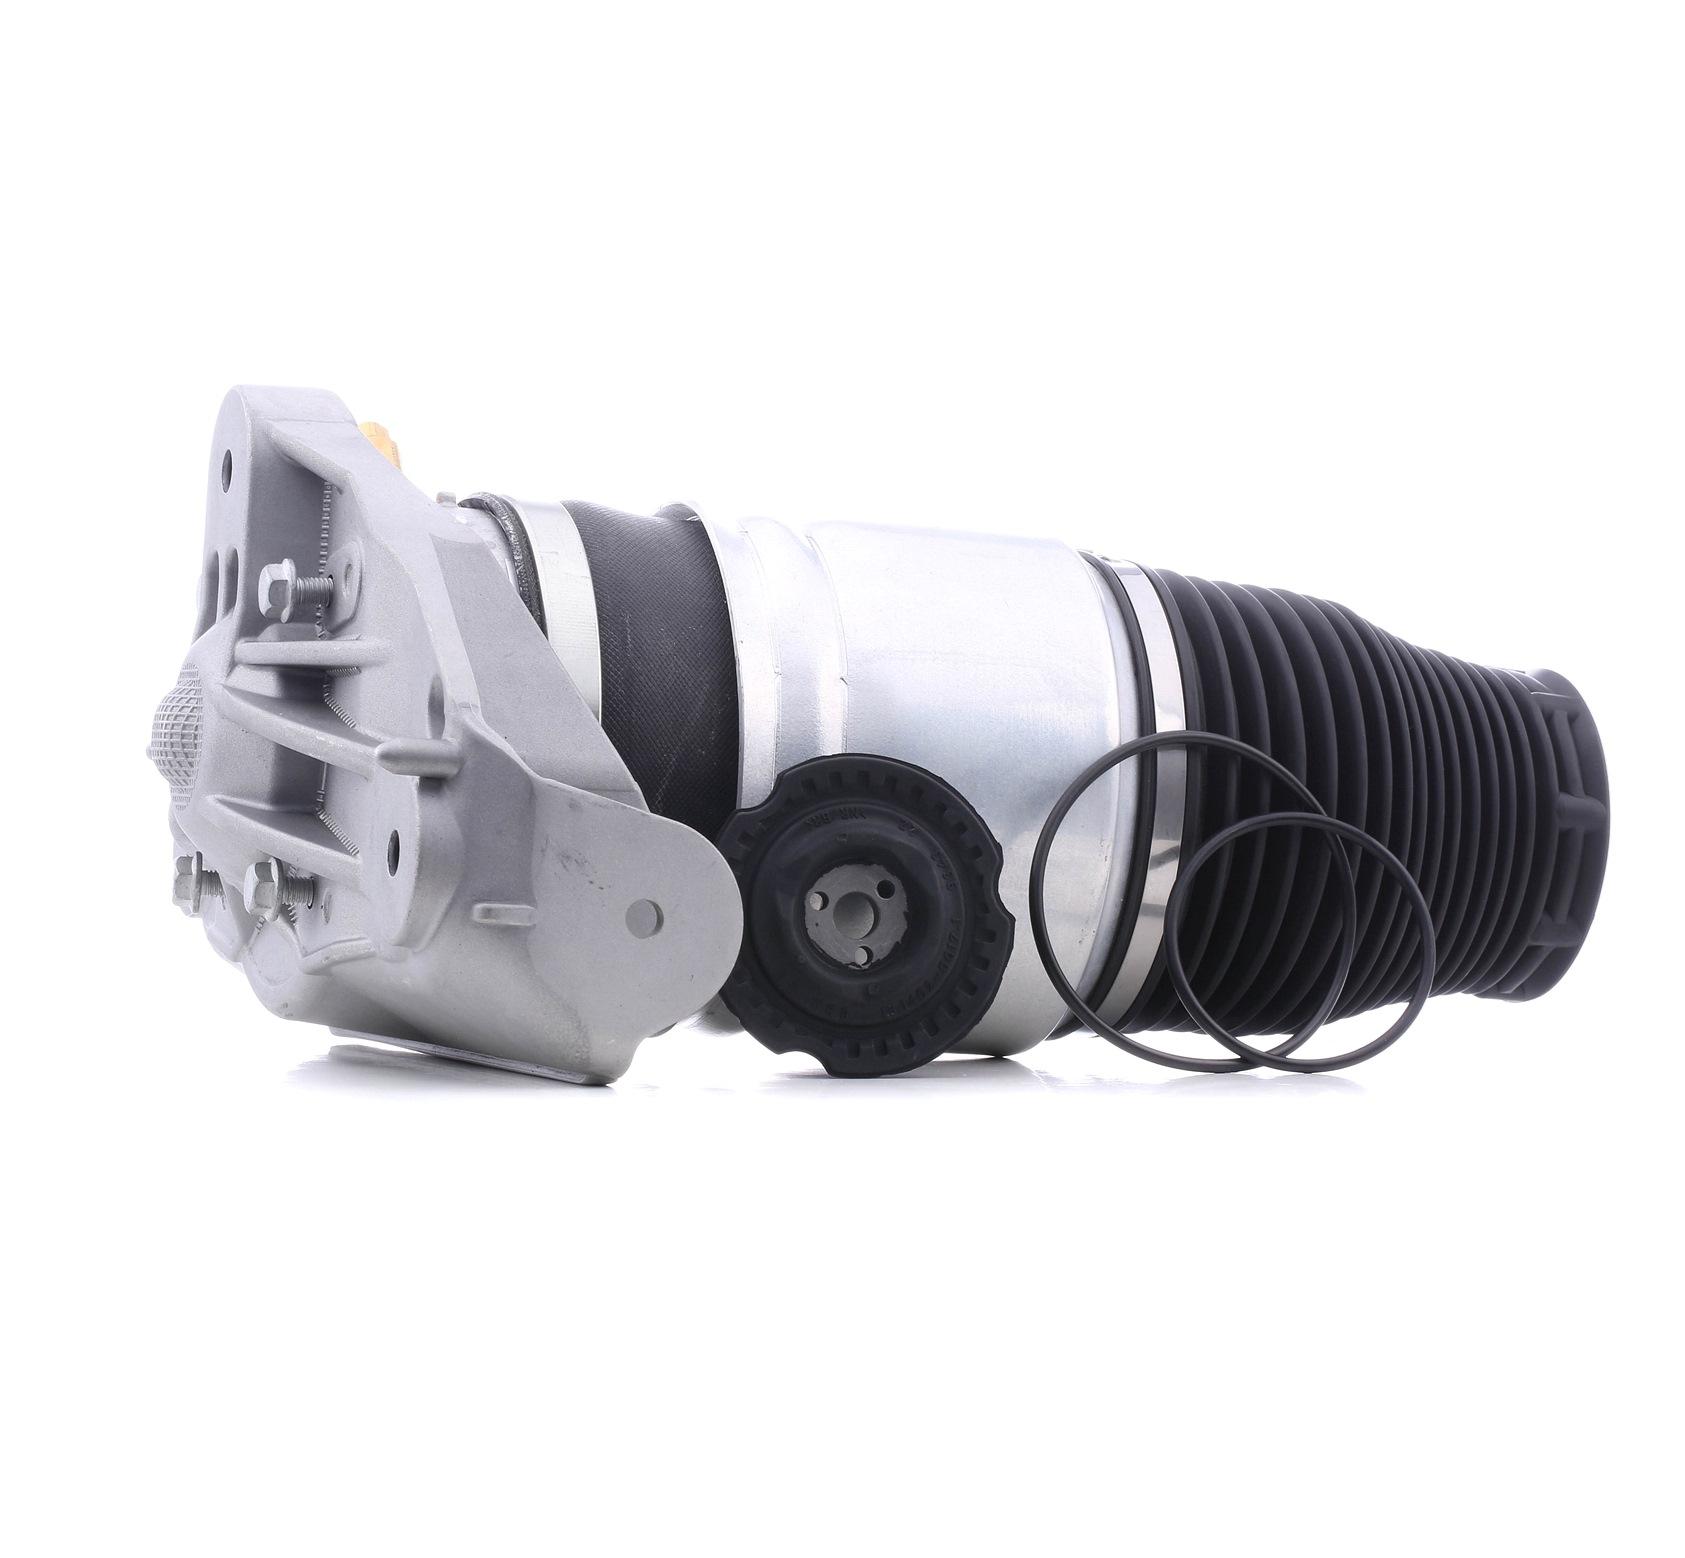 AUDI Q7 2015 Luftfederung - Original RIDEX 4119A0026